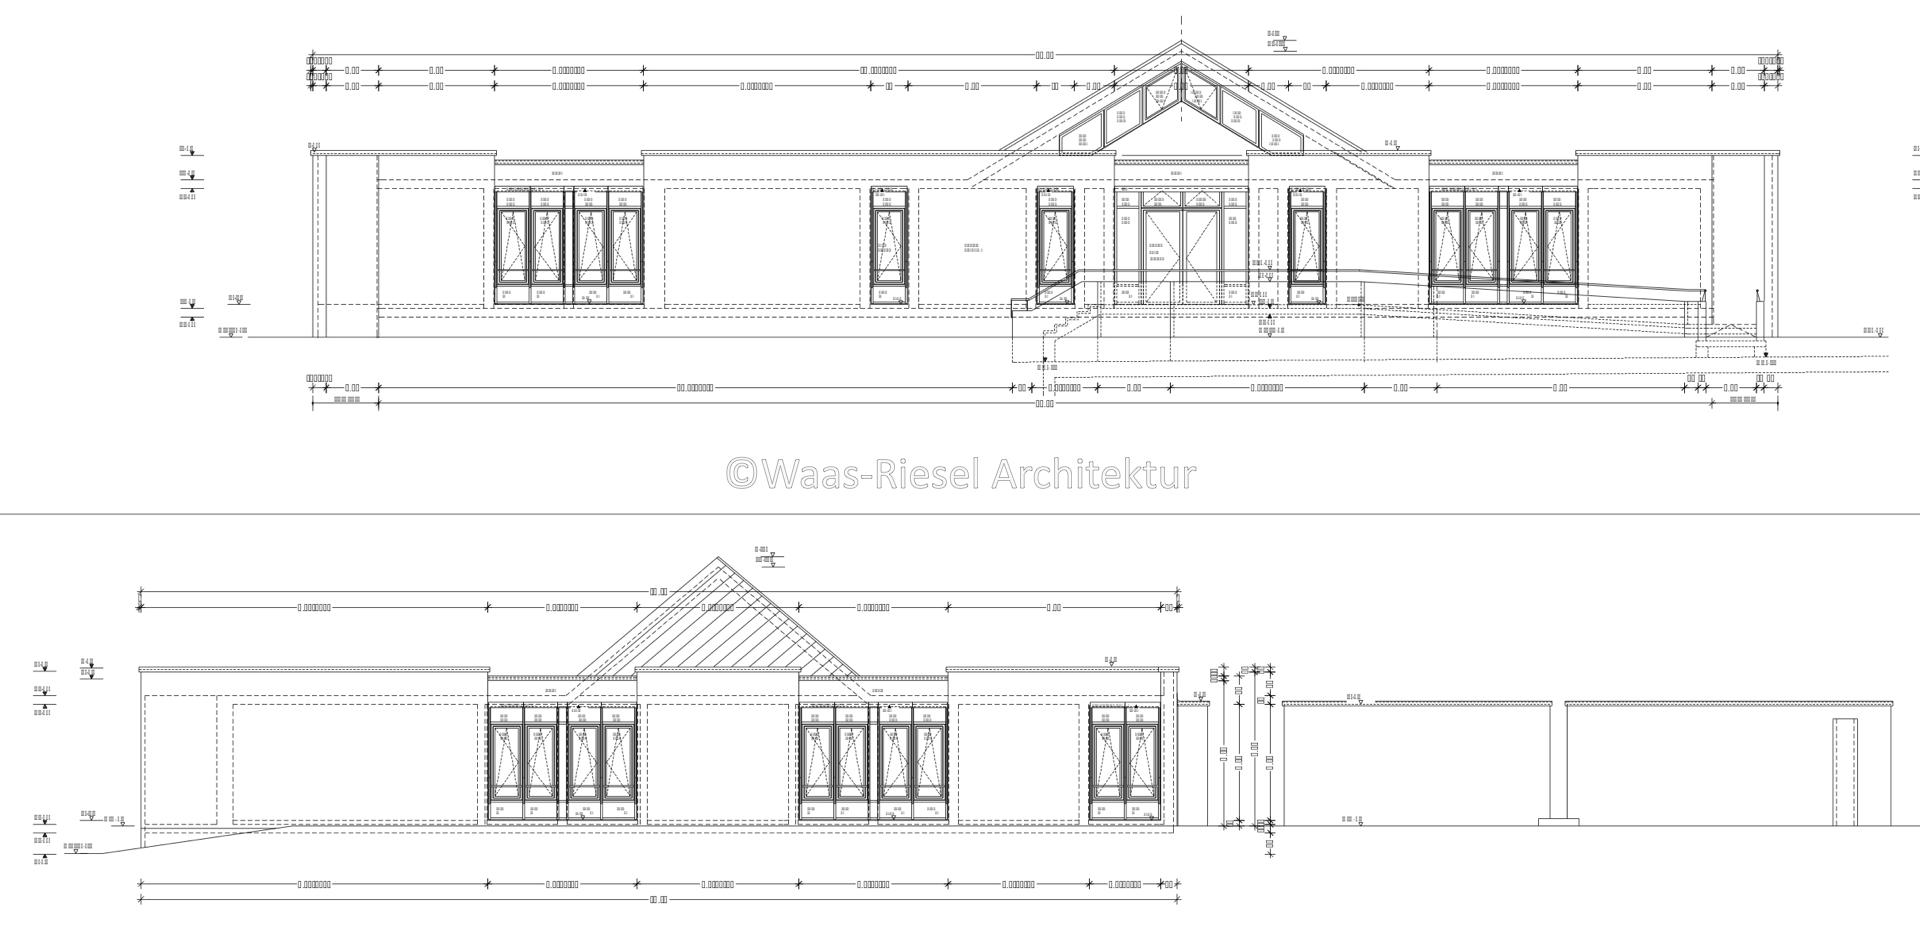 Planung Verwaltungsgebäudes: Ansichten